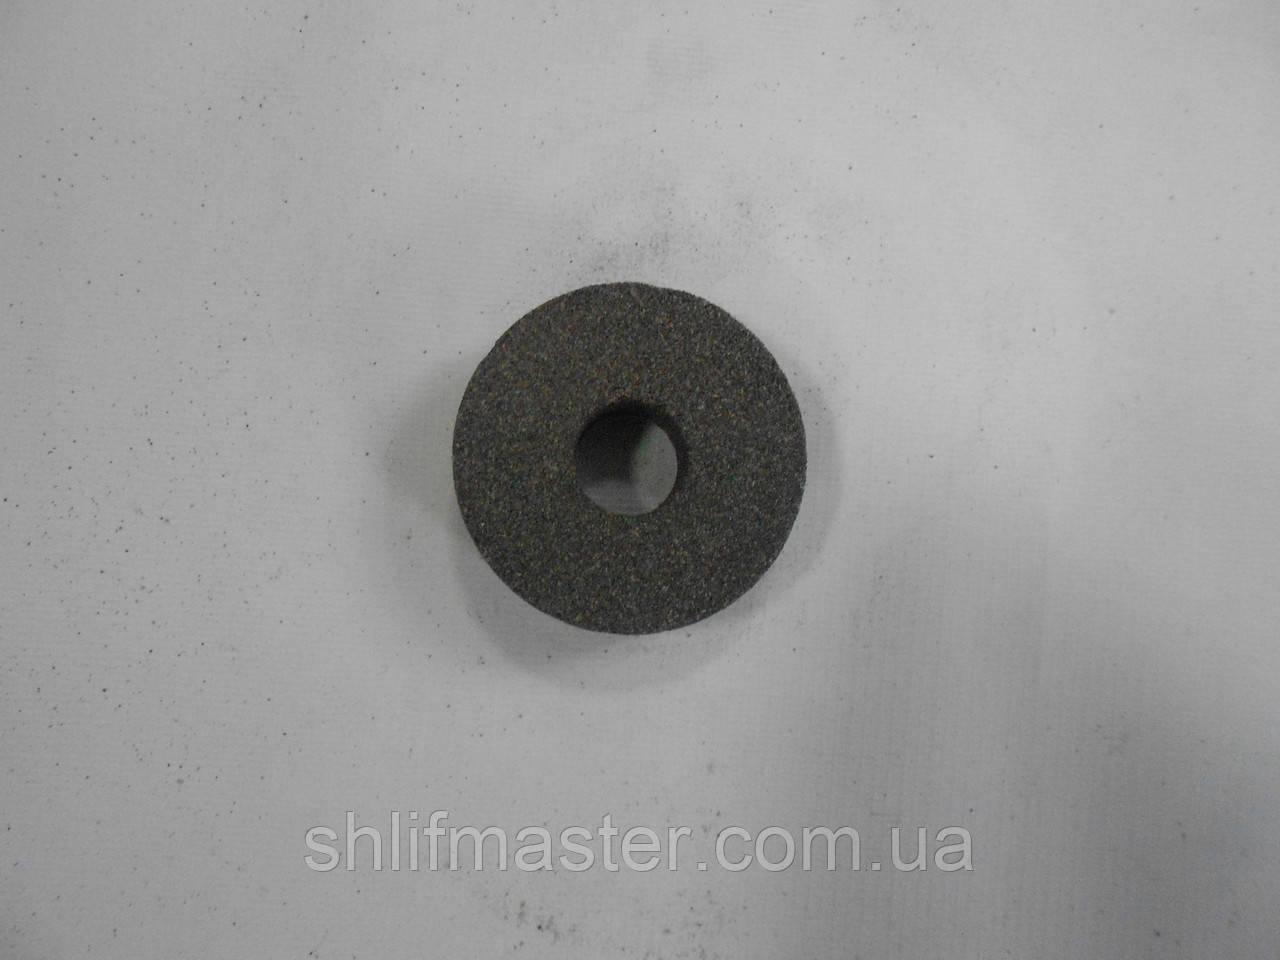 Круг шлифовальный 14А (электрокорунд серый) ПП на керамической связке 35х16х10